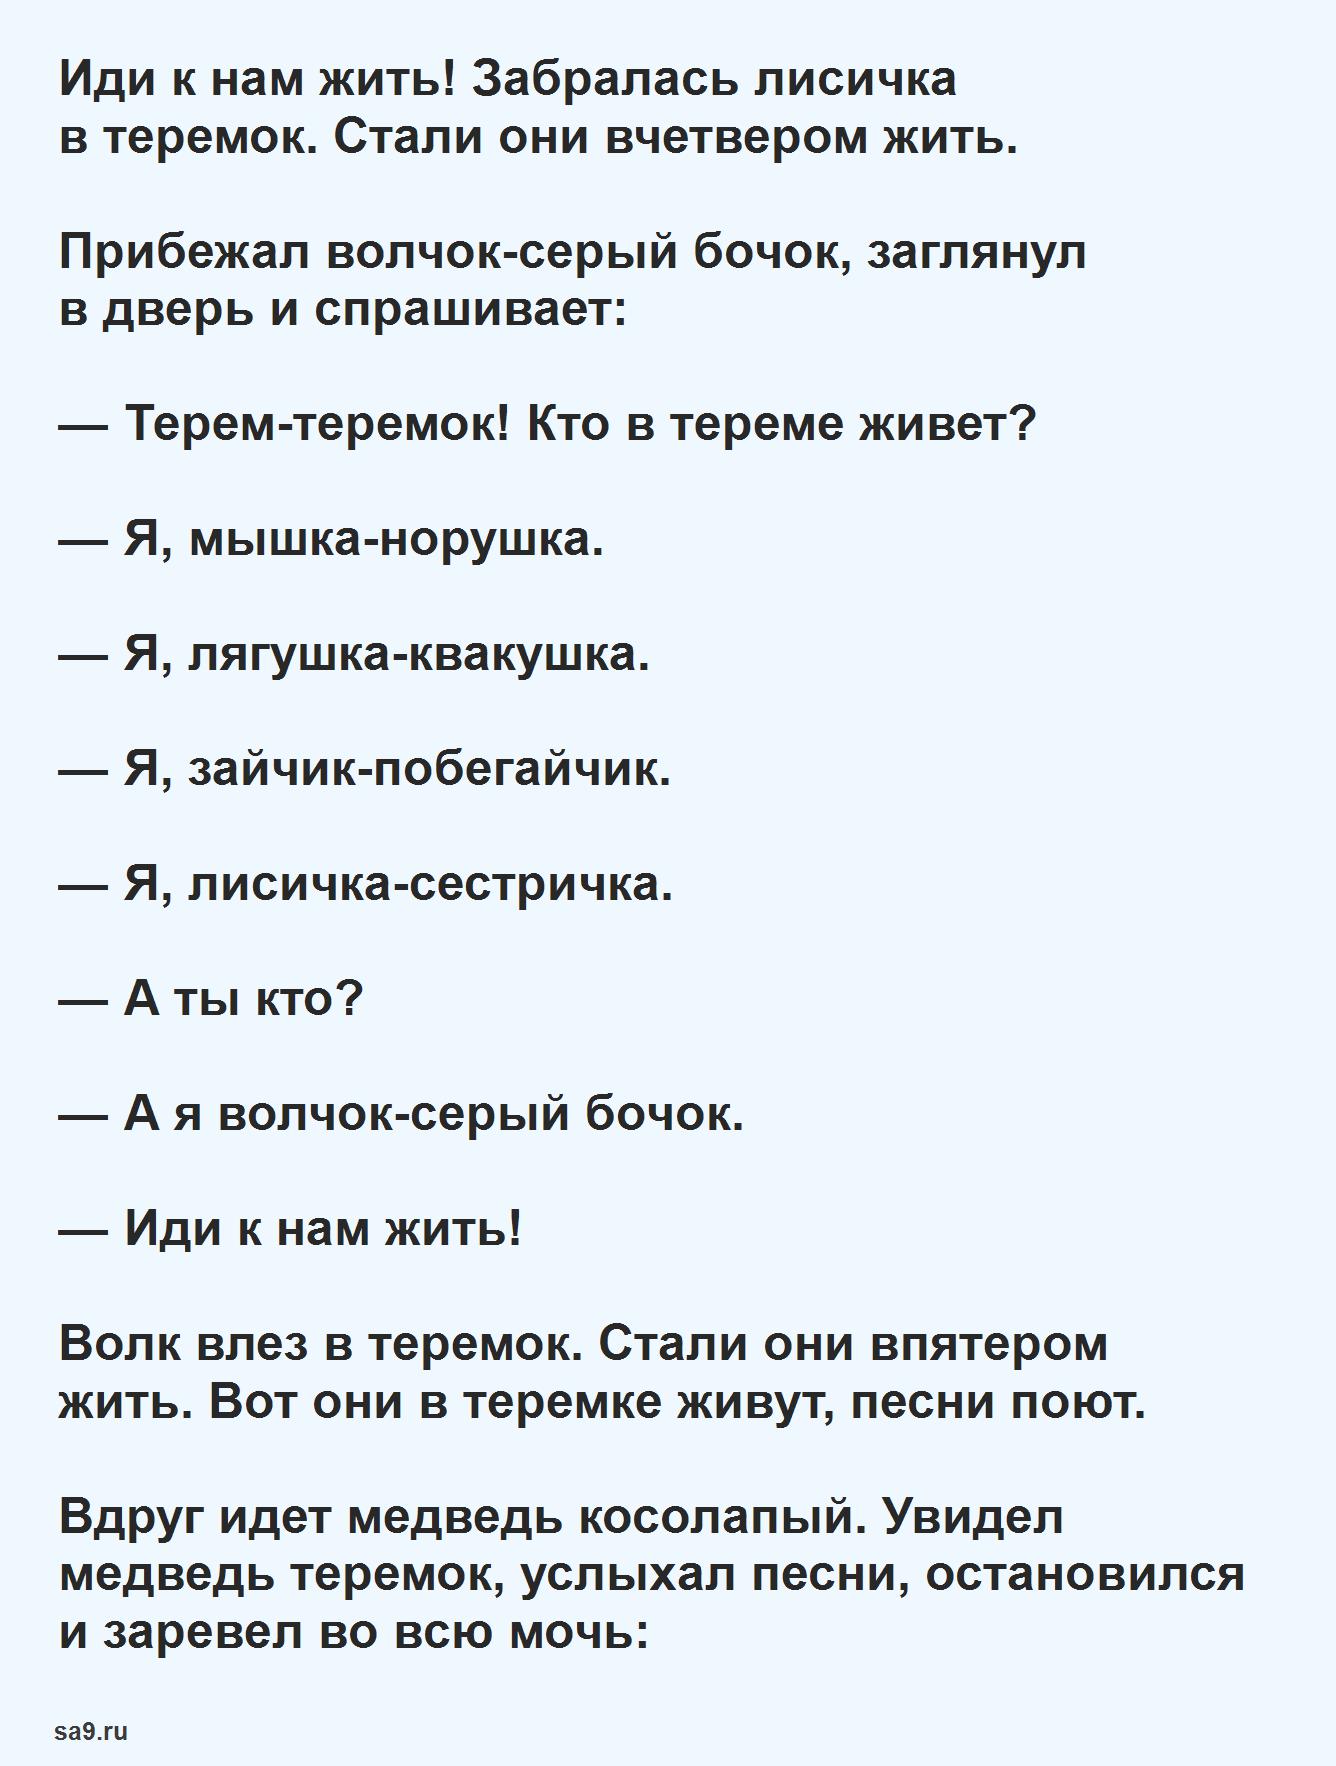 Русская народная сказка - Теремок, читать онлайн бесплатно